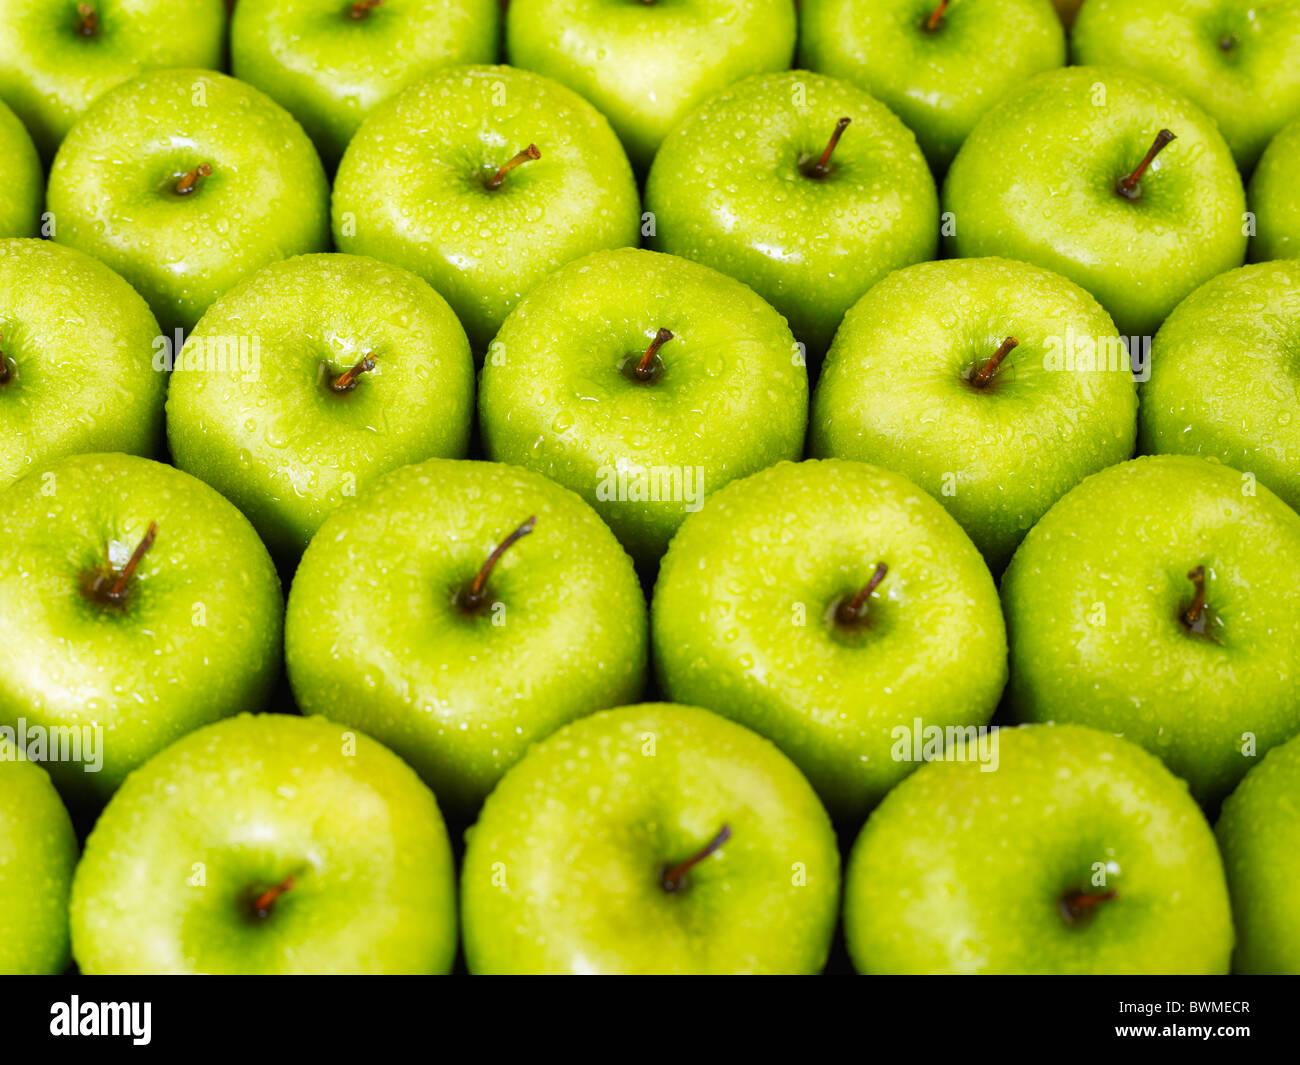 große Gruppe von grünen Äpfeln in Folge. Horizontale Form Stockbild